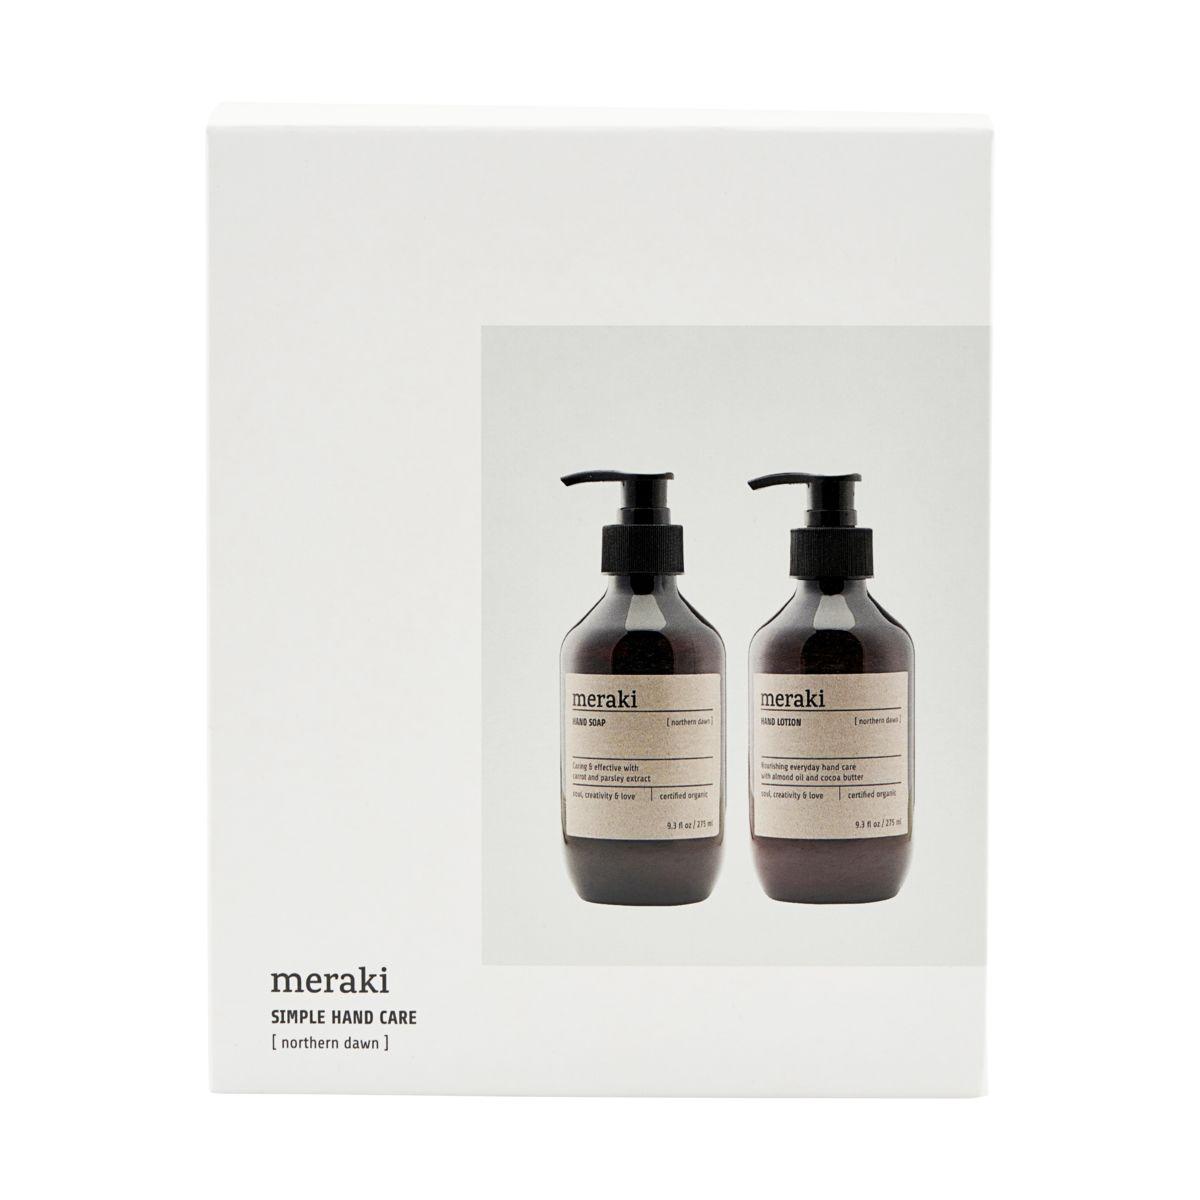 Caja regalo Meraki - Northern dawn - Meraki - jabon - hidratante manos - Liderlamp (1)